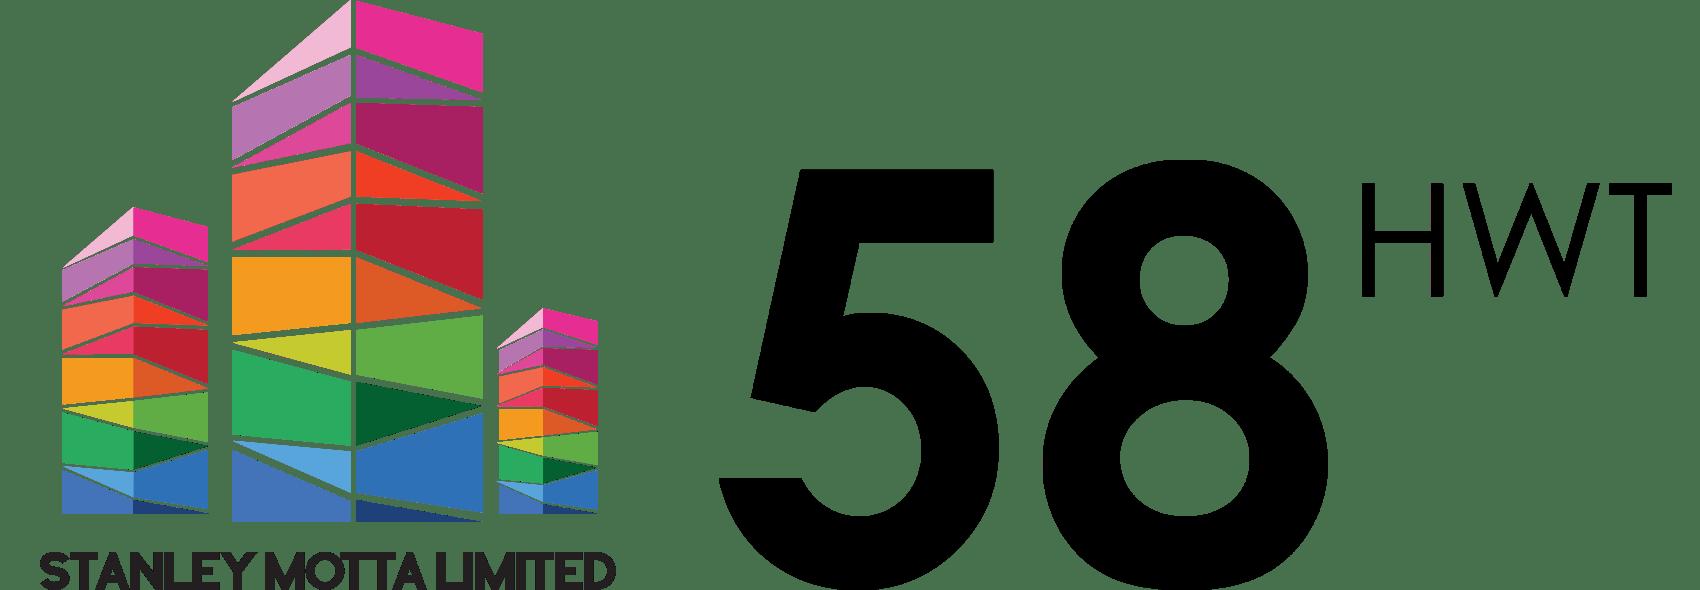 Stanley Motta - 58HWT - IPO Coming Soon